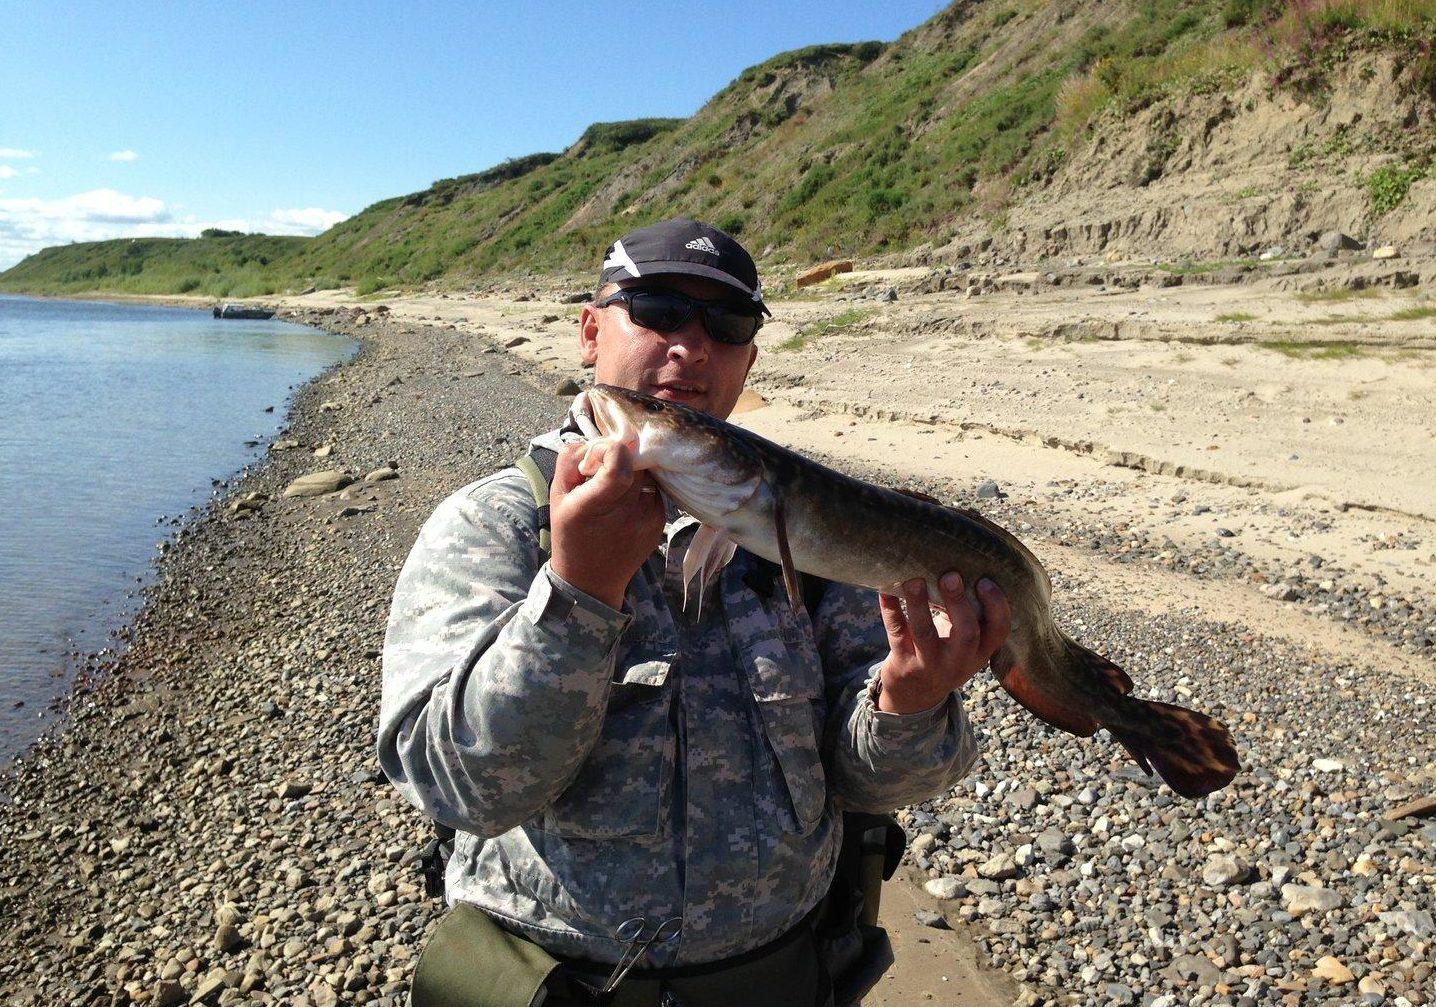 Парень на берегу с рыбой в руках